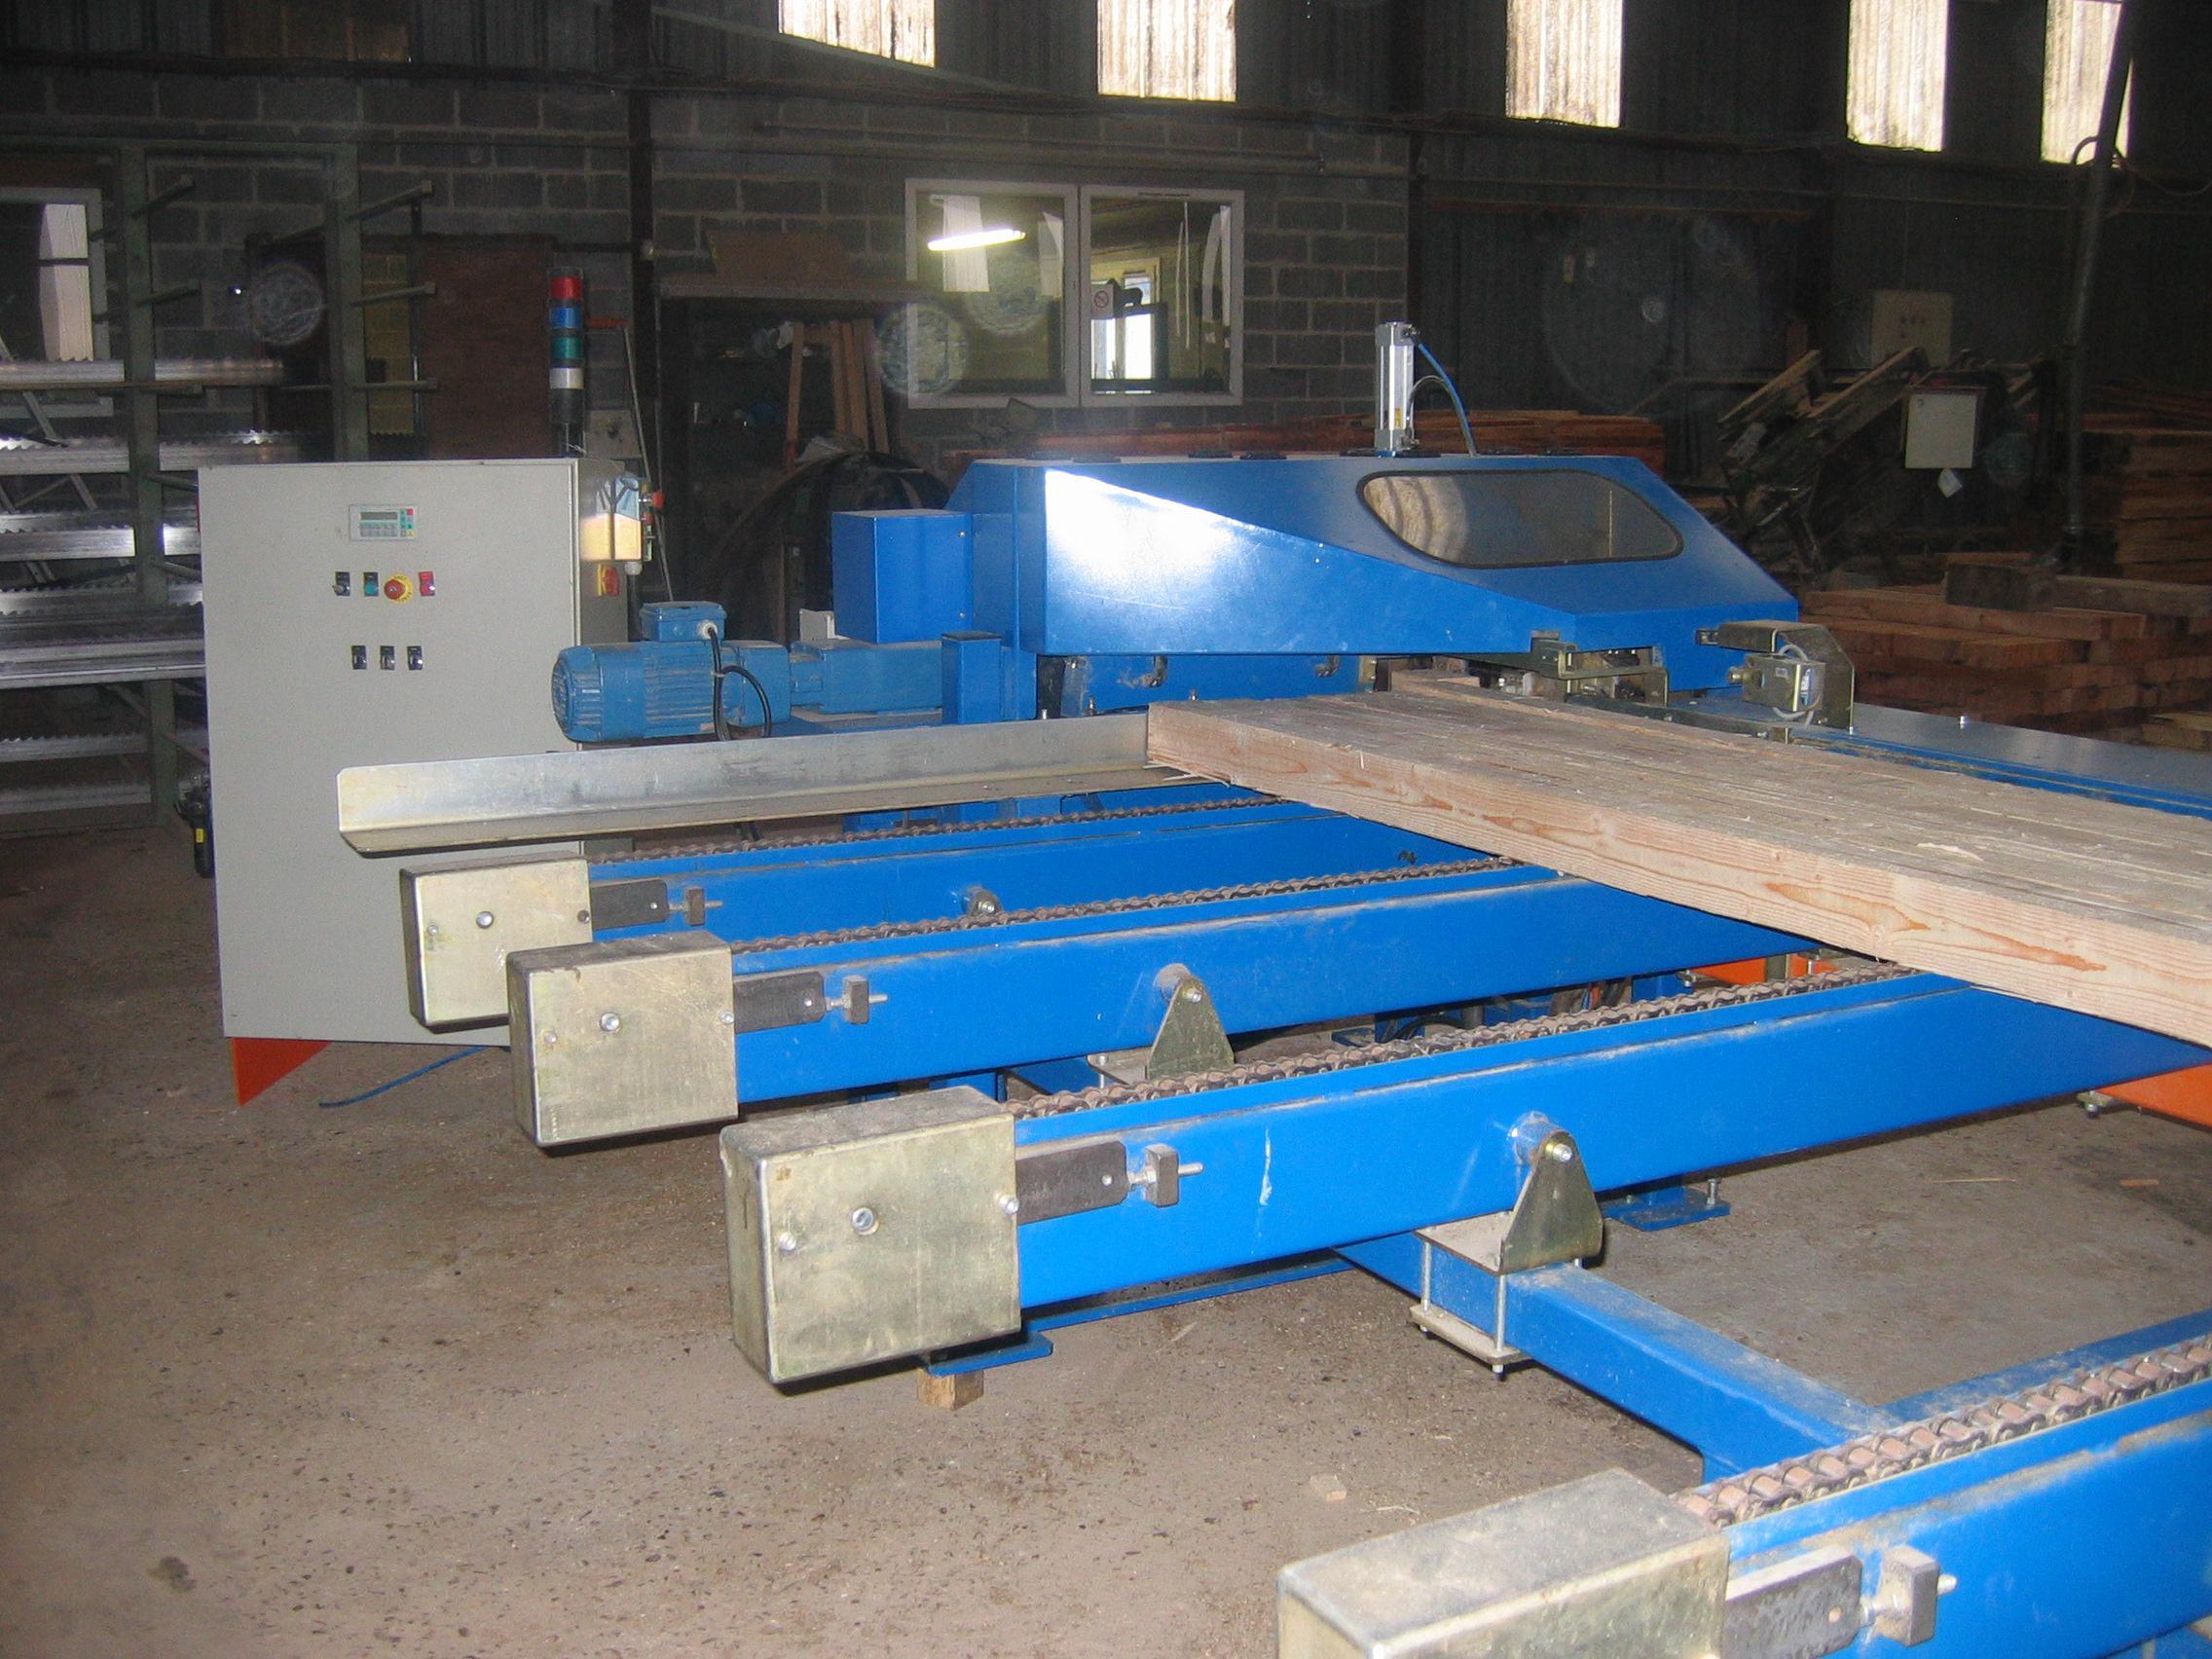 Scies machine couper les d s de palette sodem - Machine a couper le bois ...